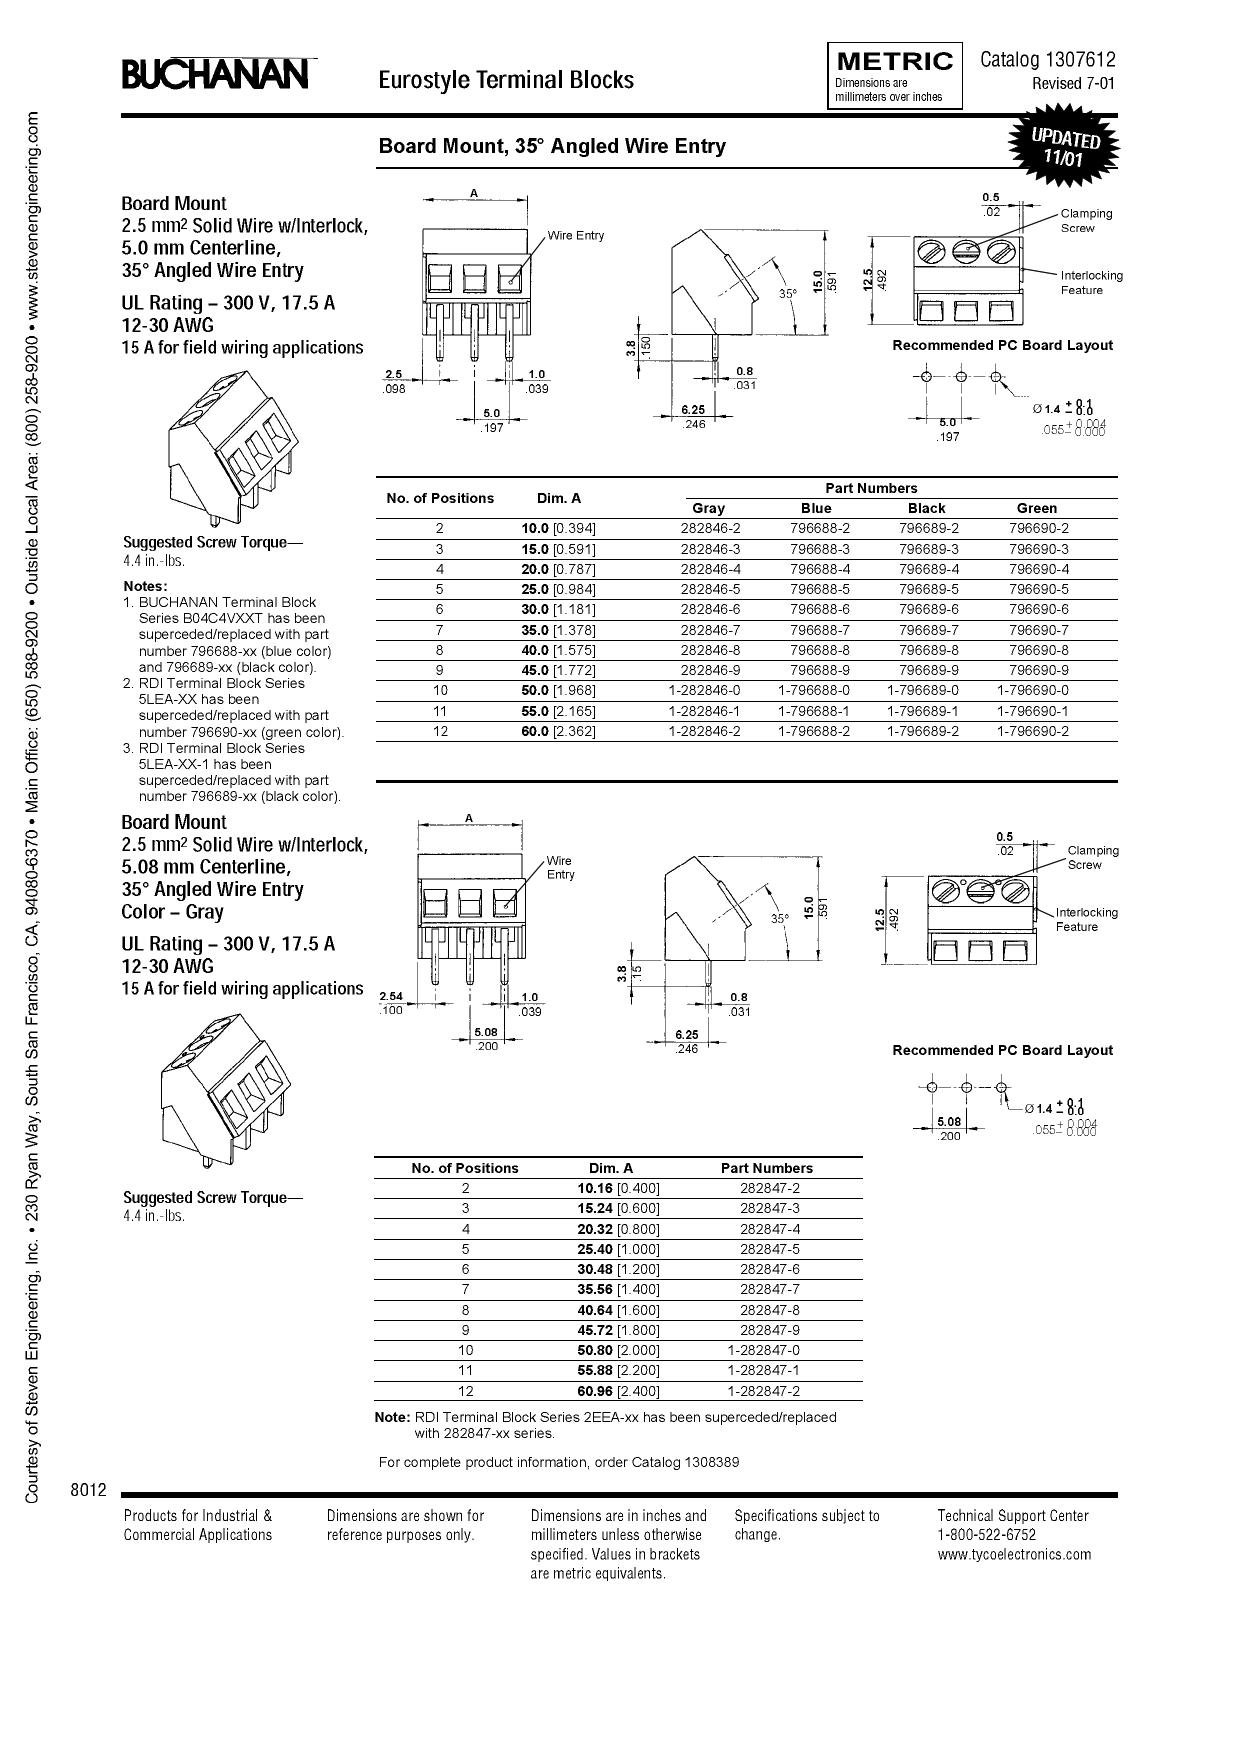 1-796688-x دیتاشیت PDF